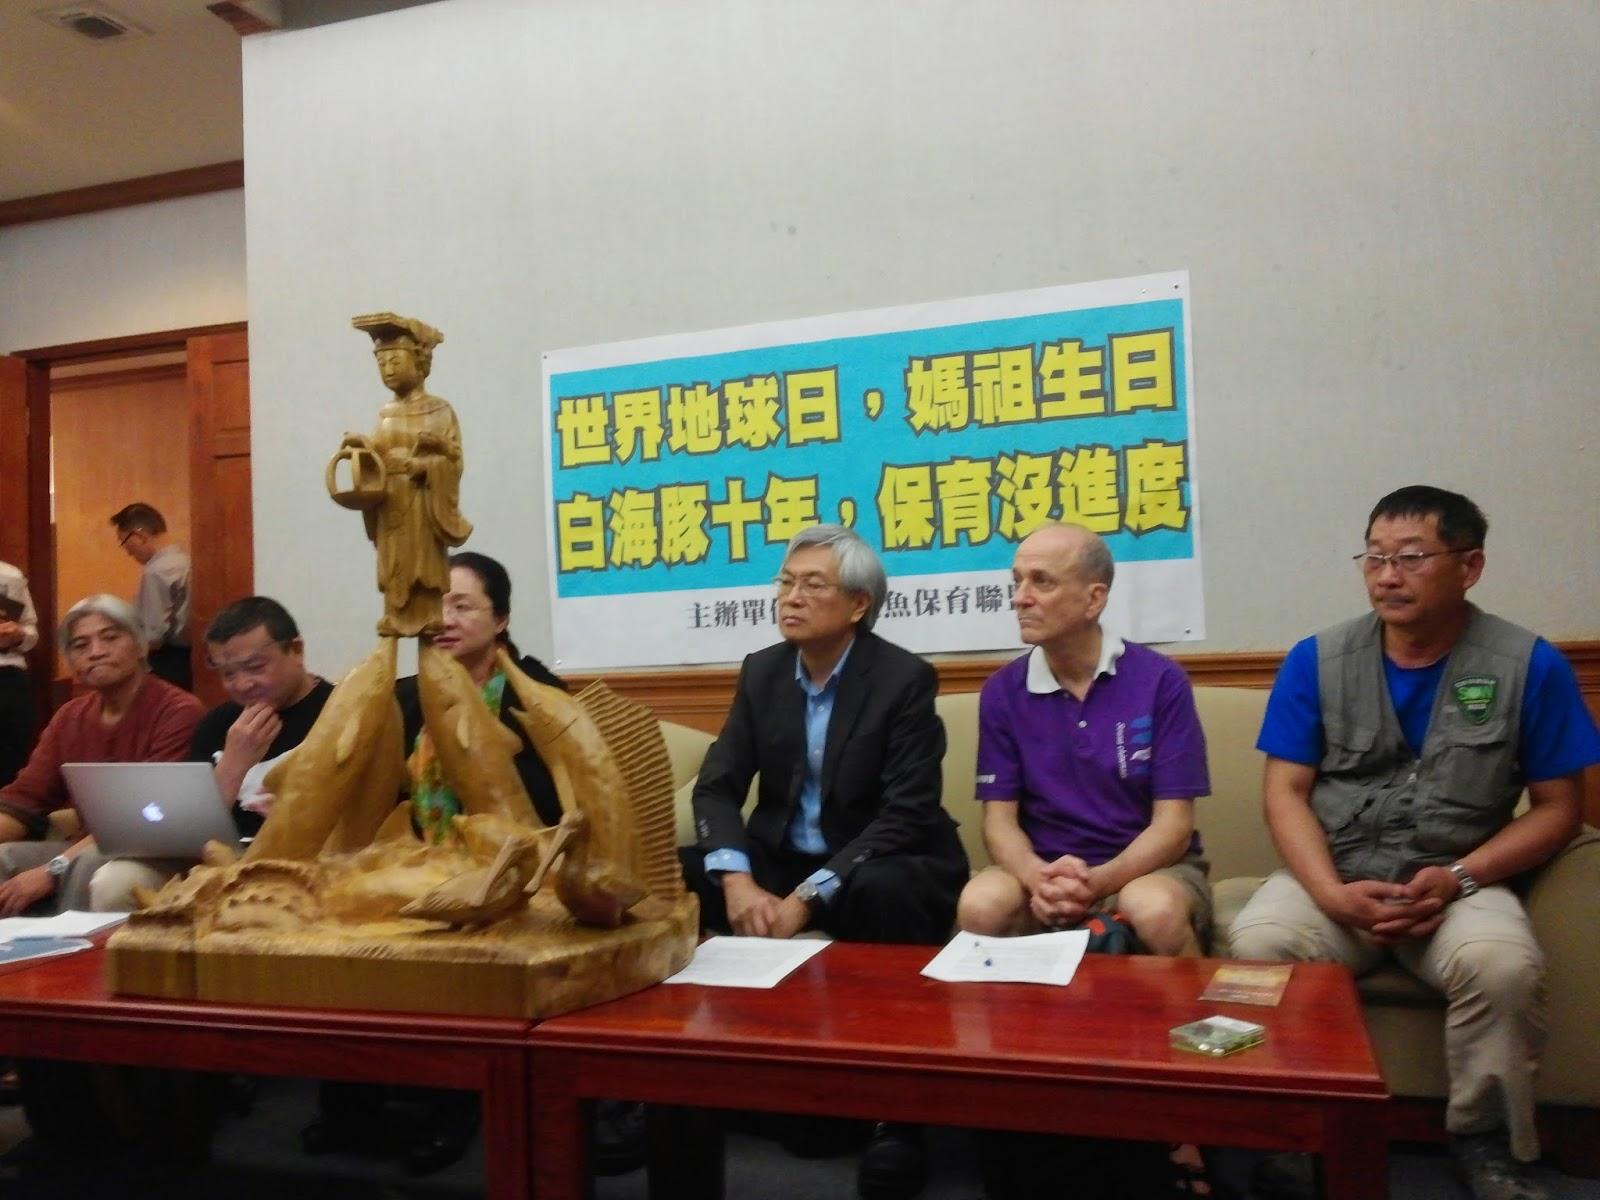 敬邀參加漁業資源永續暨台灣白海豚保育十年回顧研討會